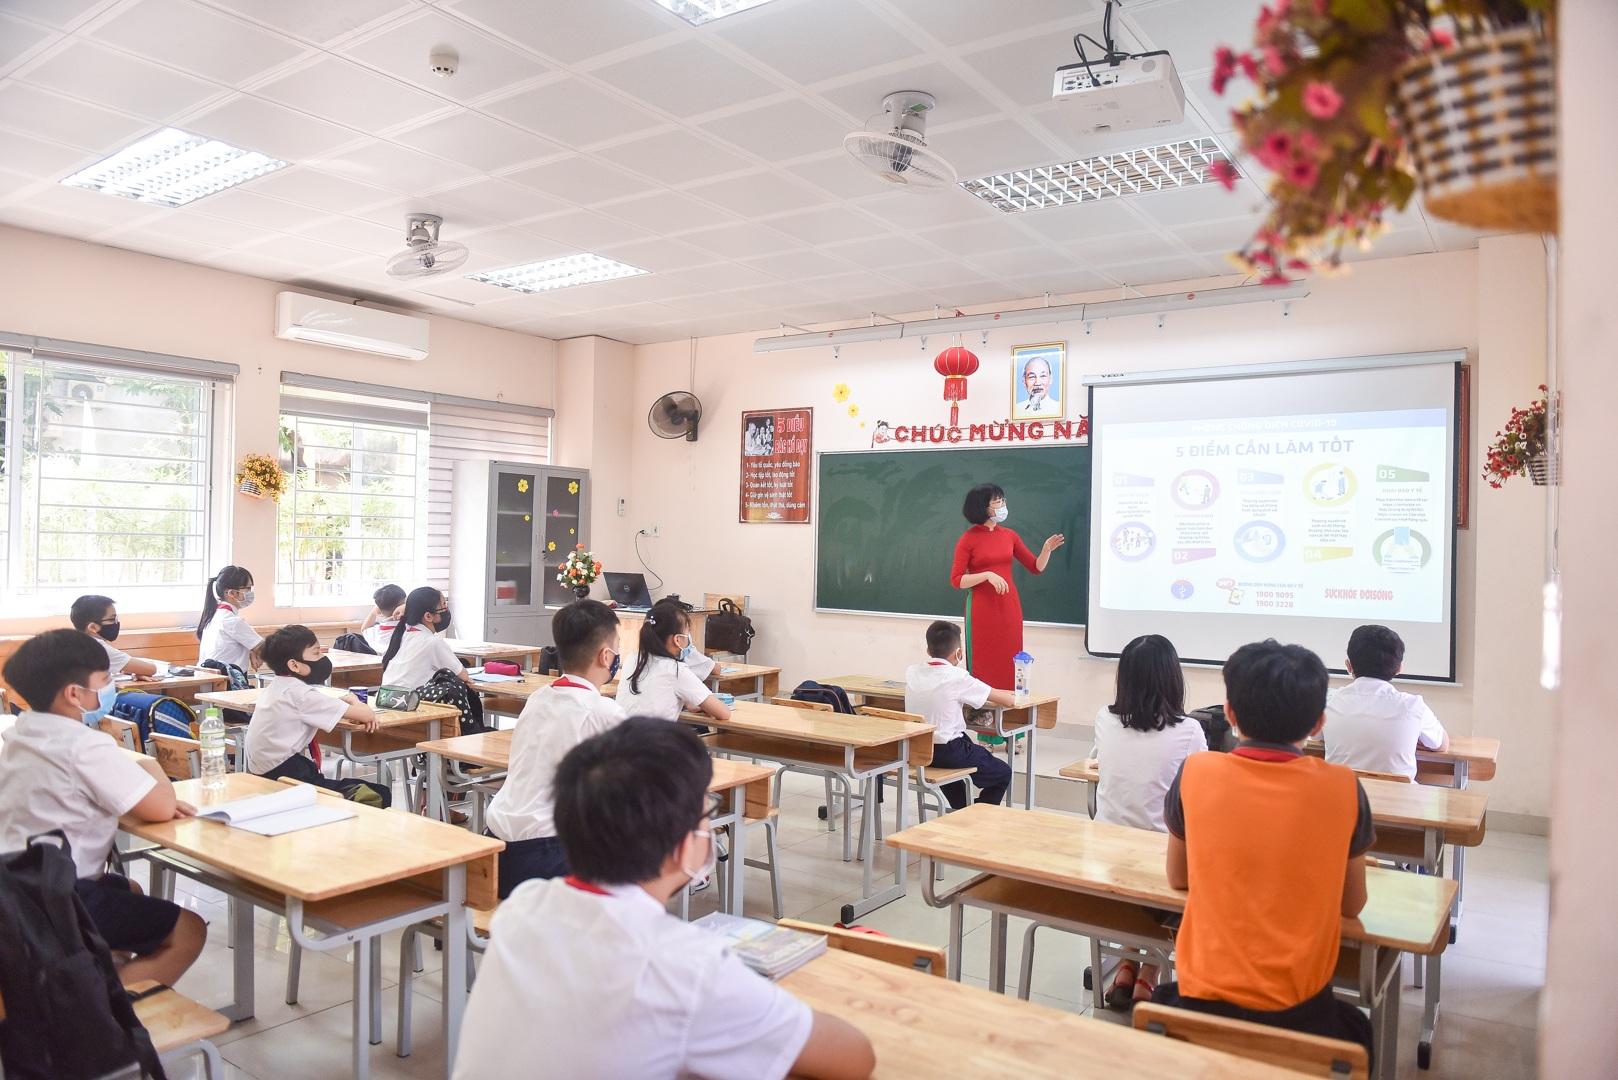 Tiết học đầu tiên giàu cảm xúc của học sinh Hà Nội sau 3 tháng nghỉ dịch - 13